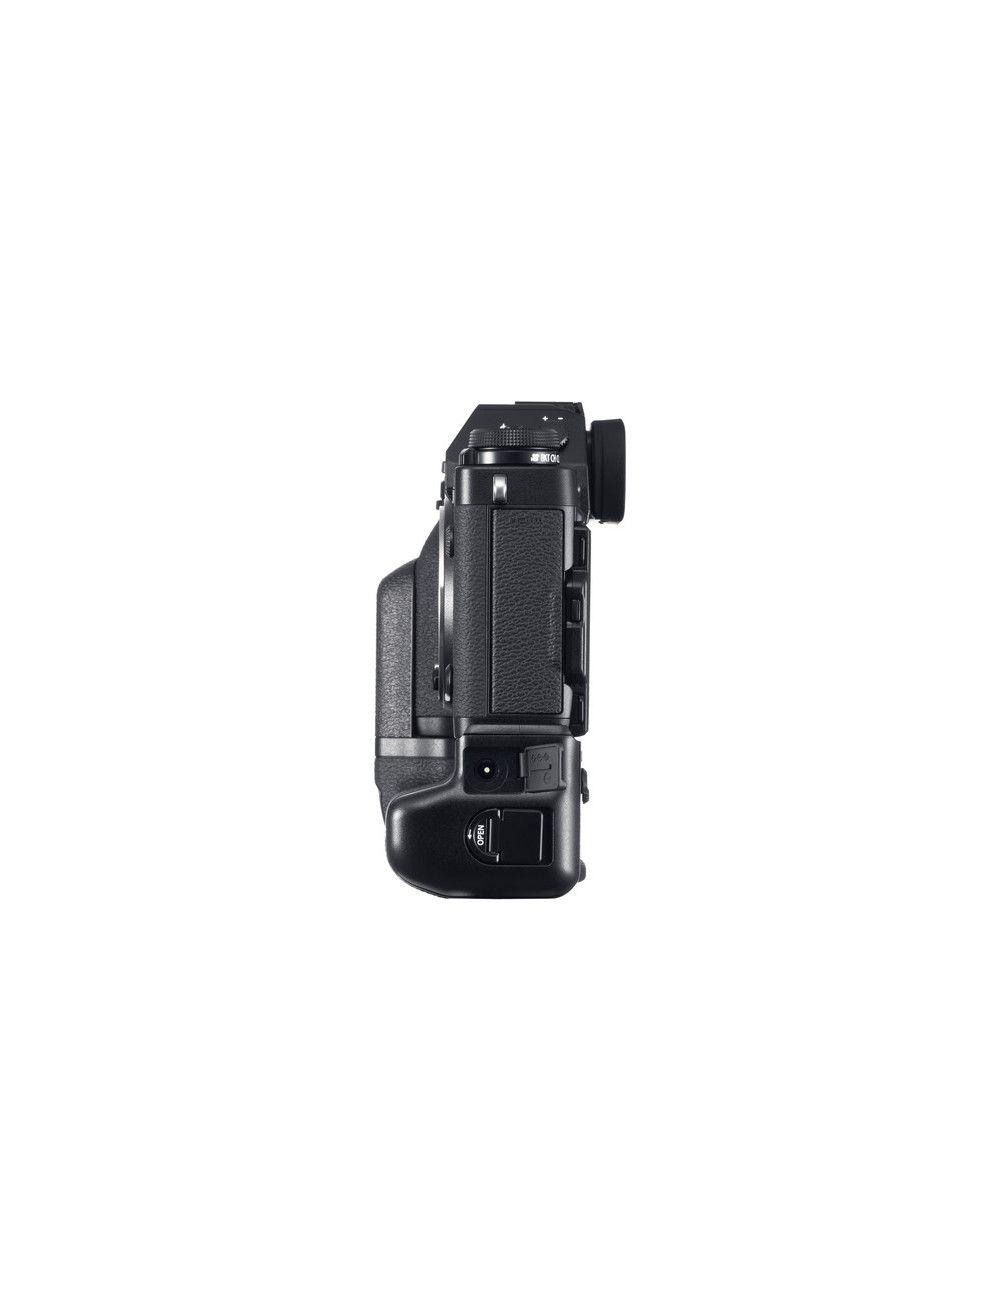 Canon 17-40 f/4L USM Lente Serie L